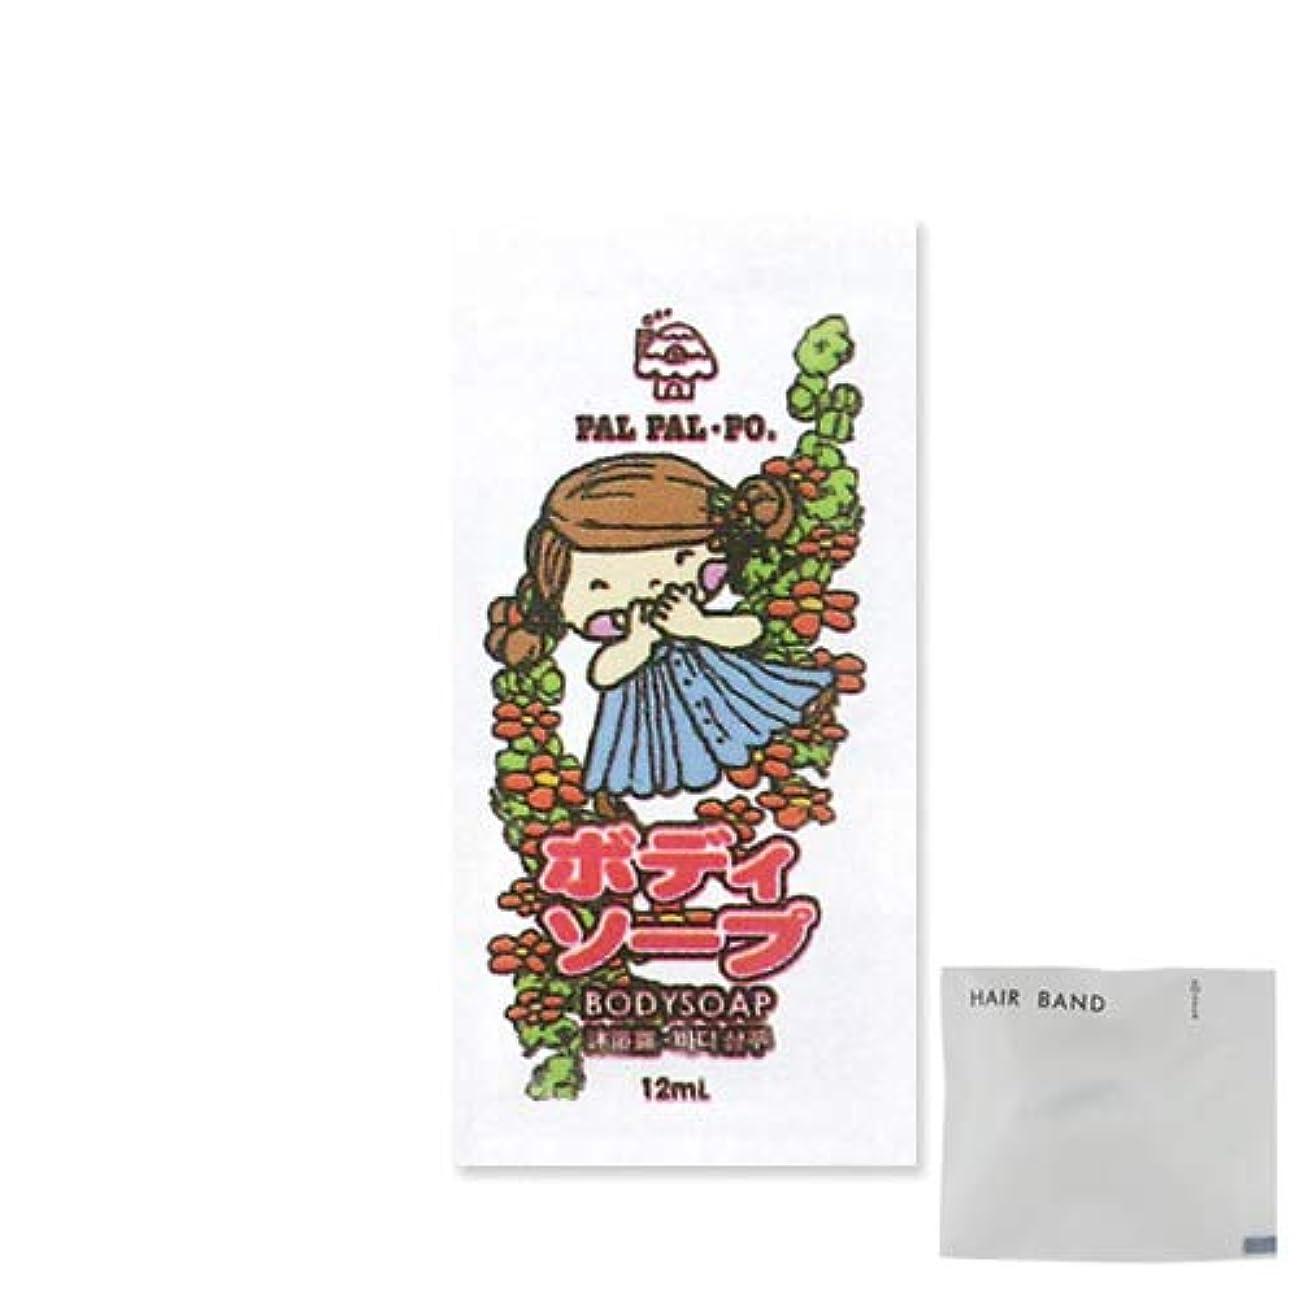 願うきょうだいロールパルパルポー(PAL PAL?PO) 子供用 ボディソープ(12mL) フローラルの香り ×20個セット + ヘアゴム(カラーはおまかせ)セット